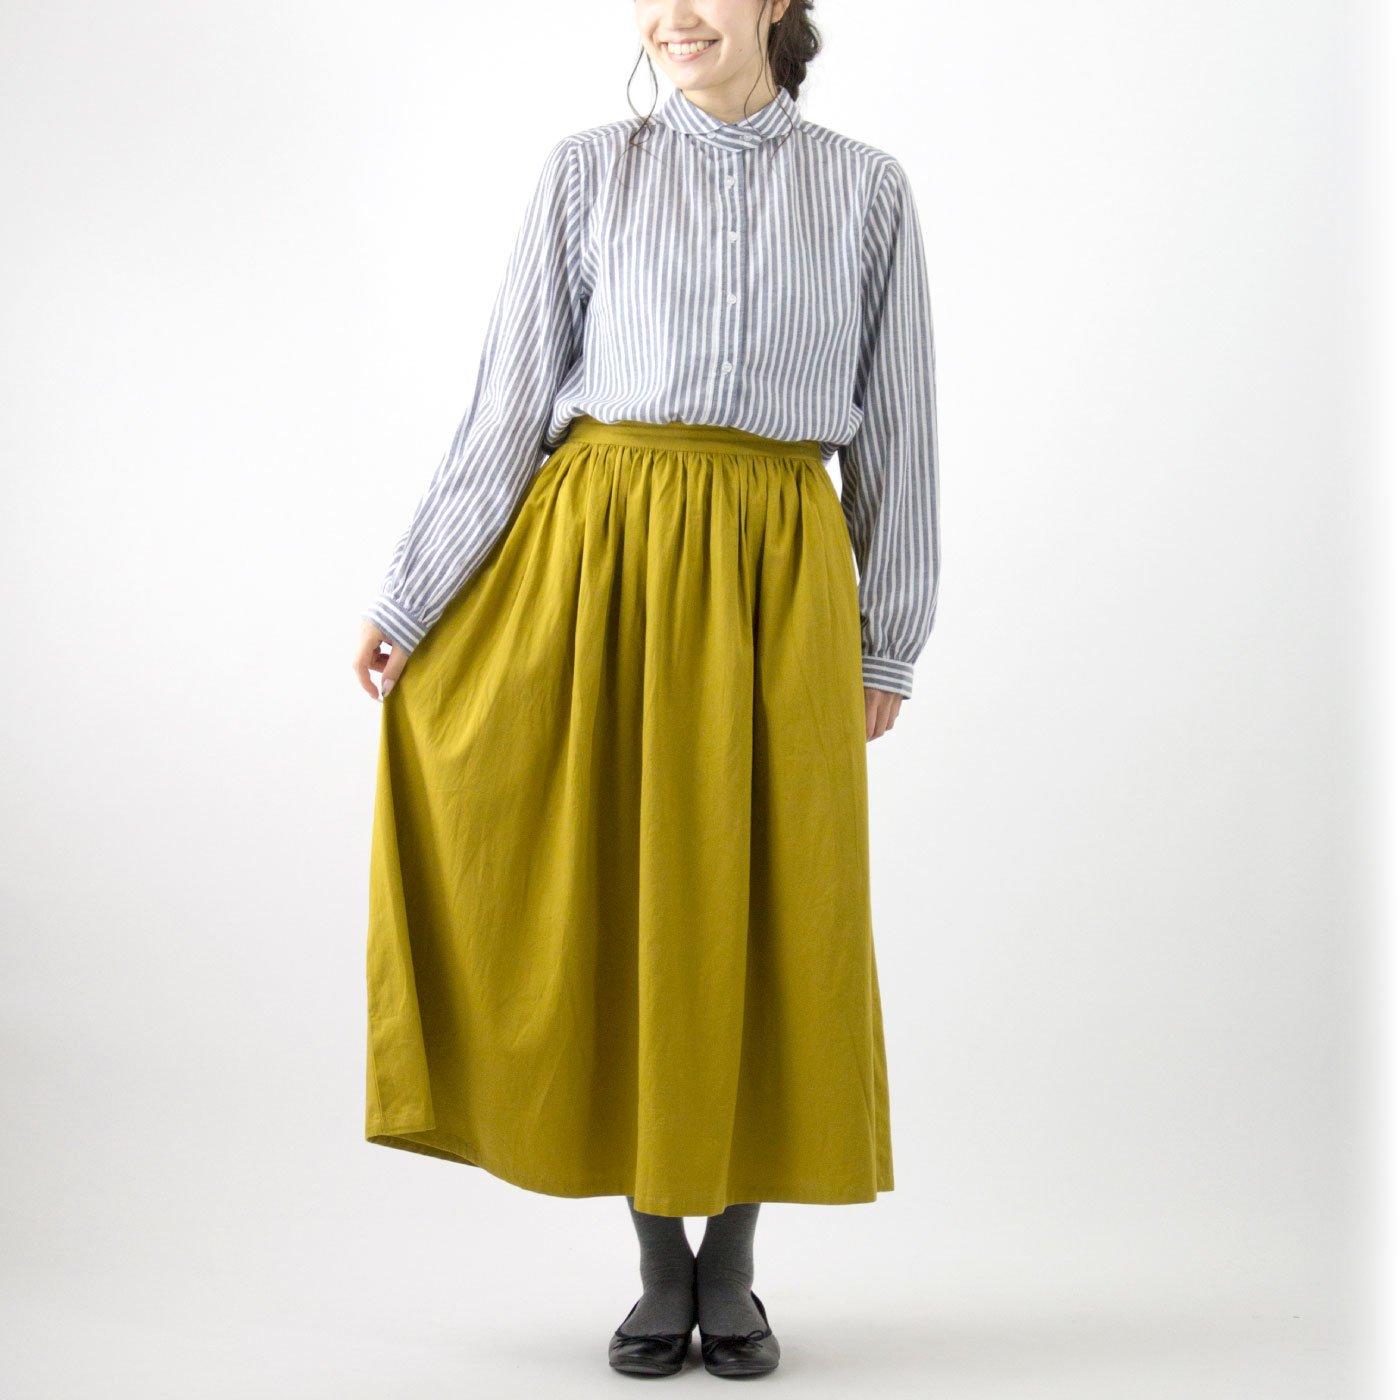 オーバークローズ ウォッシュ加工でいい感じ アクセントになるギャザースカート